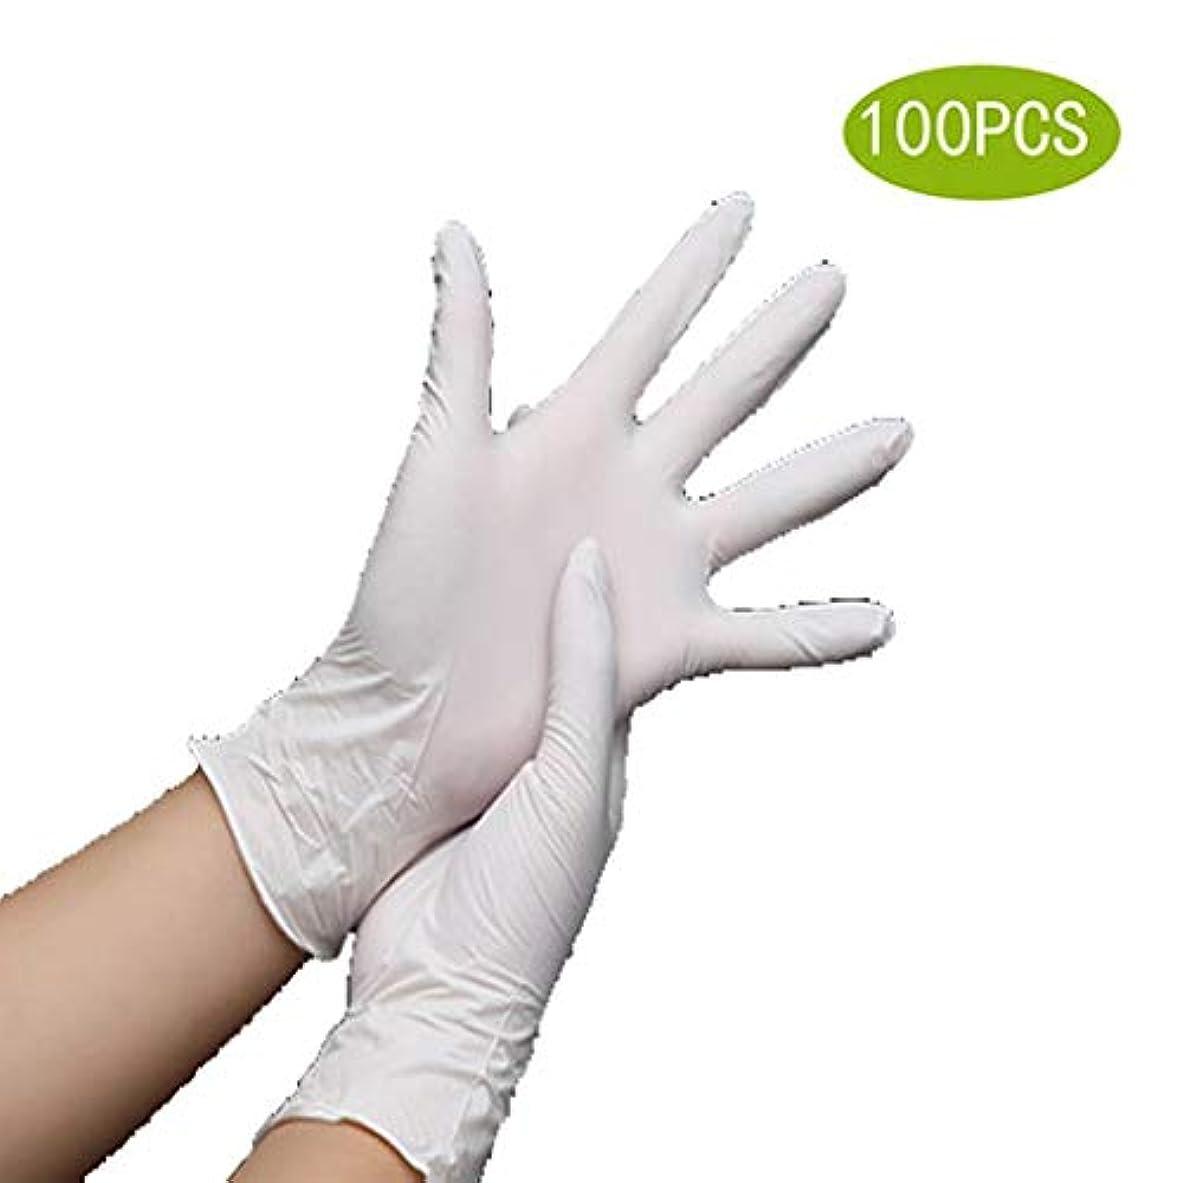 自由純粋な吹雪ニトリル使い捨て手袋、3ミルの厚さ、質感の指先(100箱) (Color : White, Size : XS)